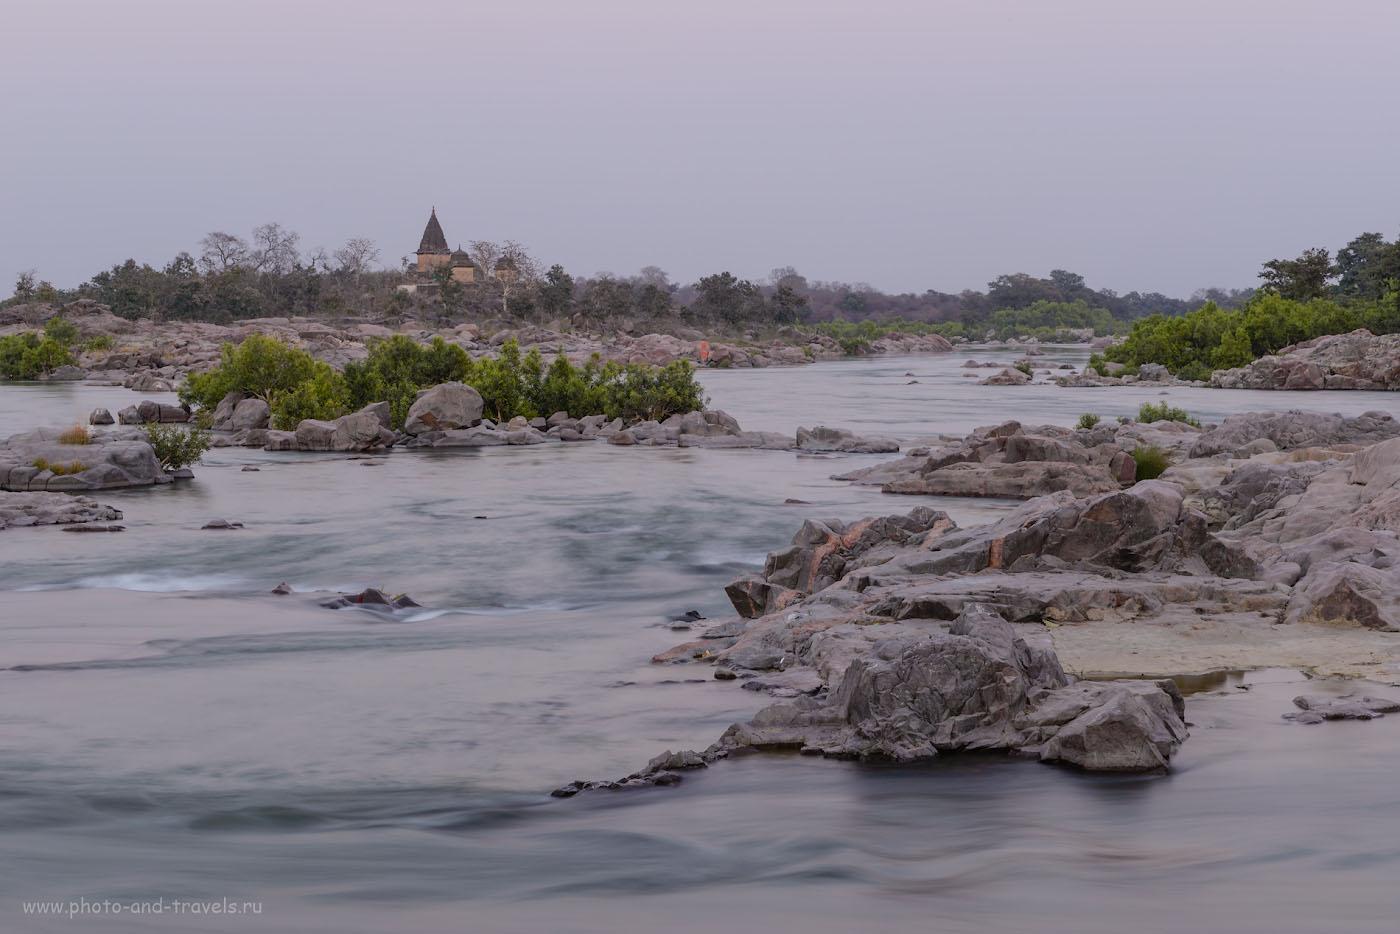 Фотография 7. Река Бетва. Отзывы о чудесной экскурсии в город Орчха в Центральной Индии. Камера Nikon D610, объектив Nikon 70-200mm f/2.8. Настройки: 1/20, 10.0, 100, 105.